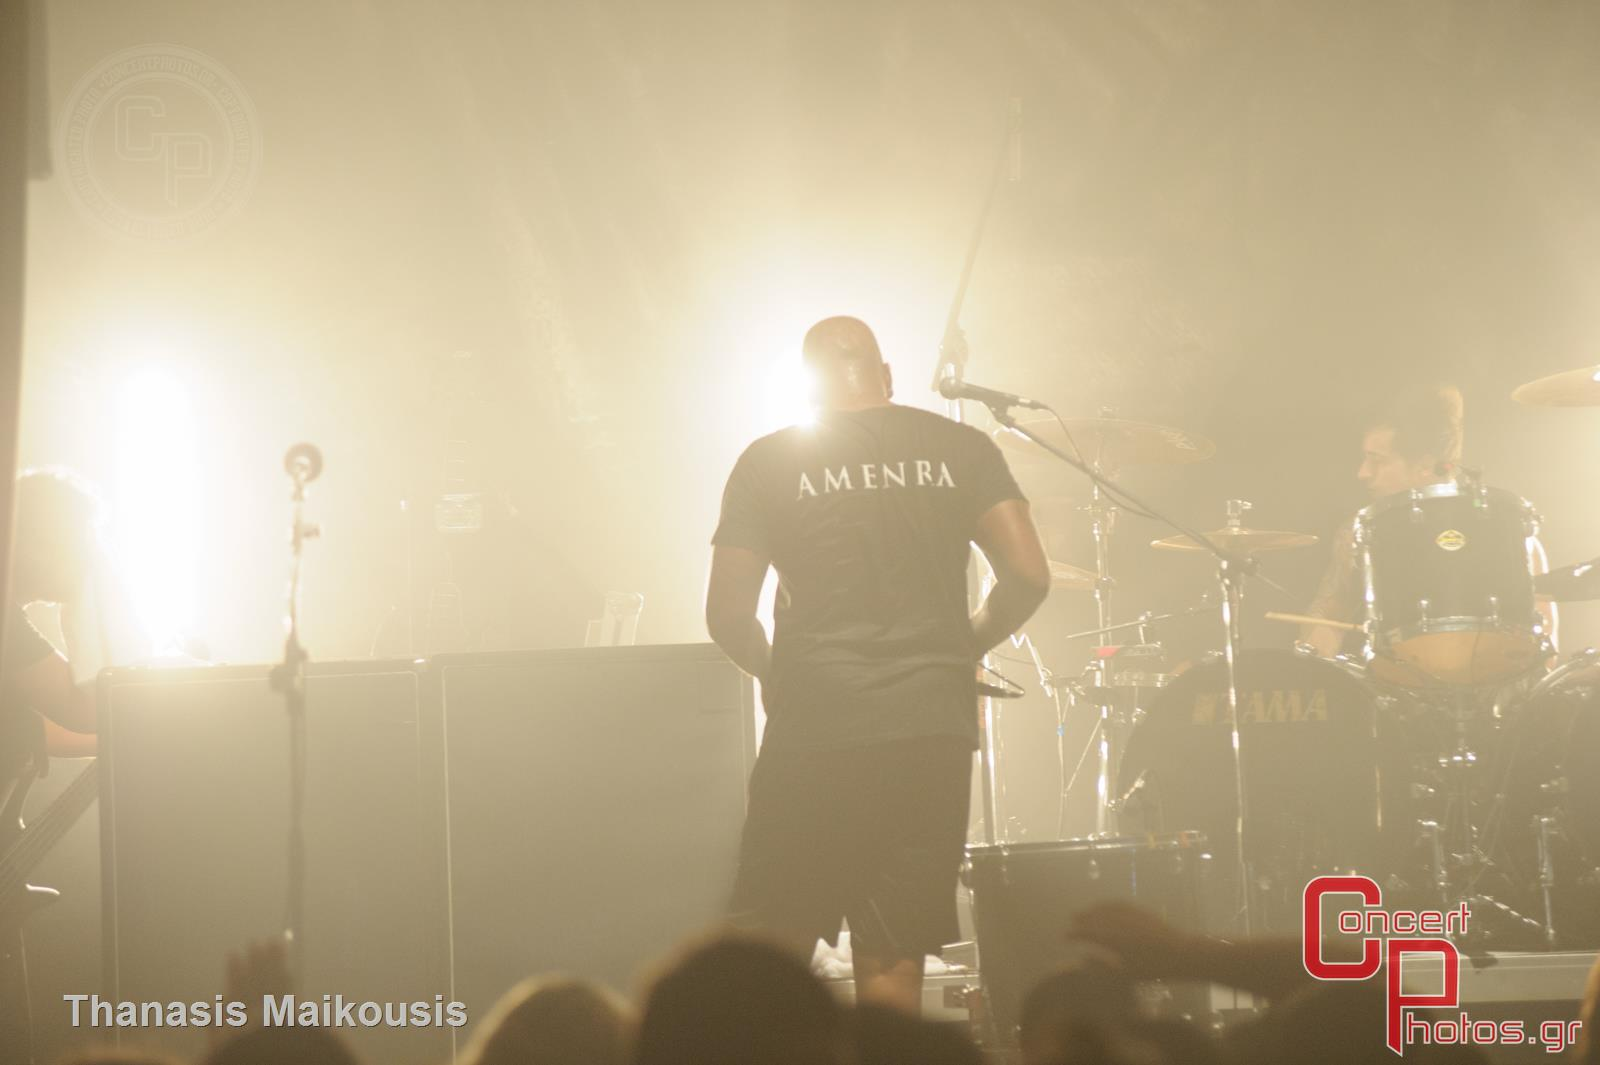 Sepultura-Sepultira photographer: Thanasis Maikousis - concertphotos_20140703_23_05_50